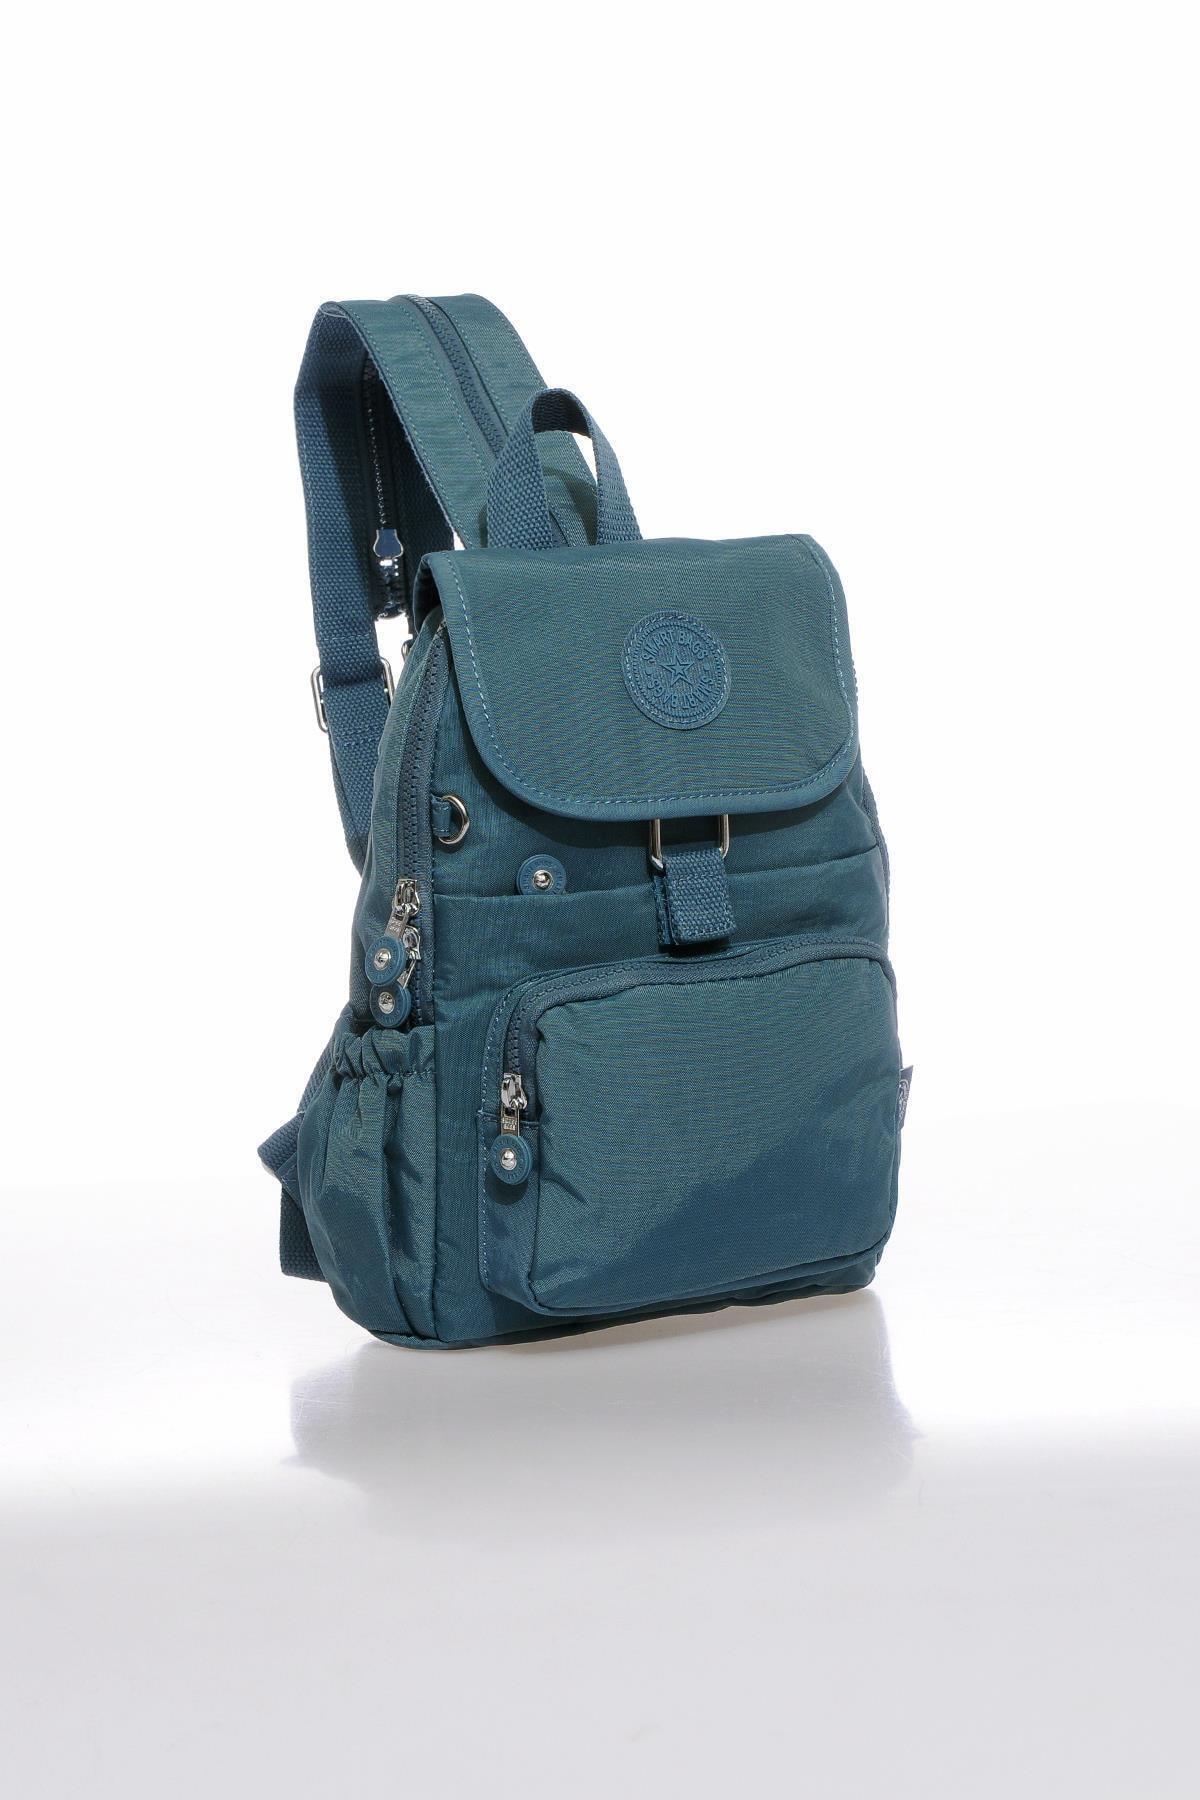 SMART BAGS Kadın Buz Mavi Sırt Çantası Smbk1138-0050 2